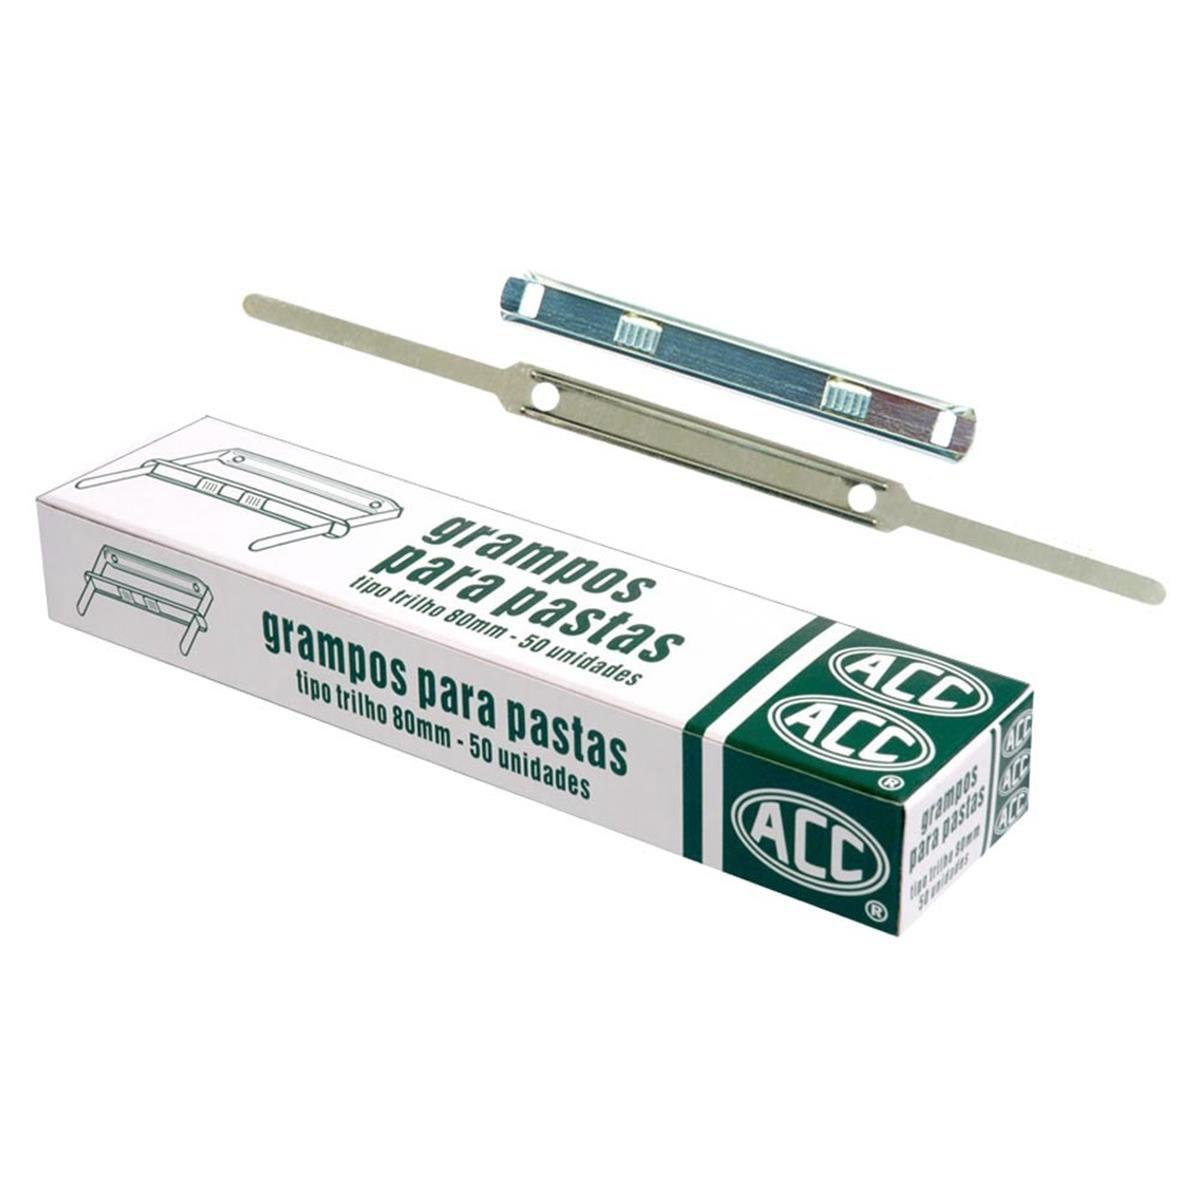 Grampos Para Pastas 80 mm 50 unidades - ACC